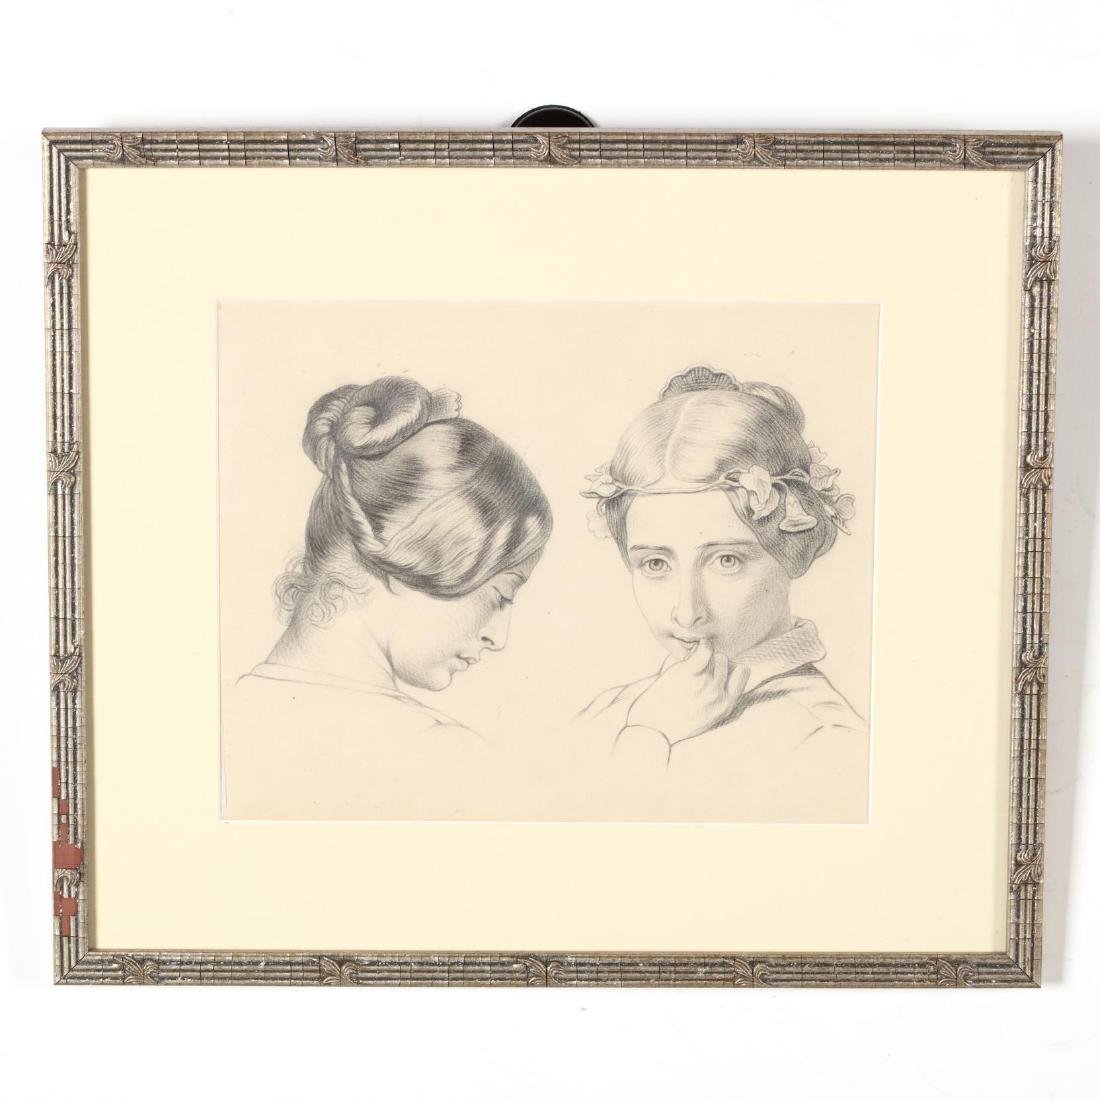 Peter Calvi, Jr. (NY, 1860-1926), Five Sketches of - 2